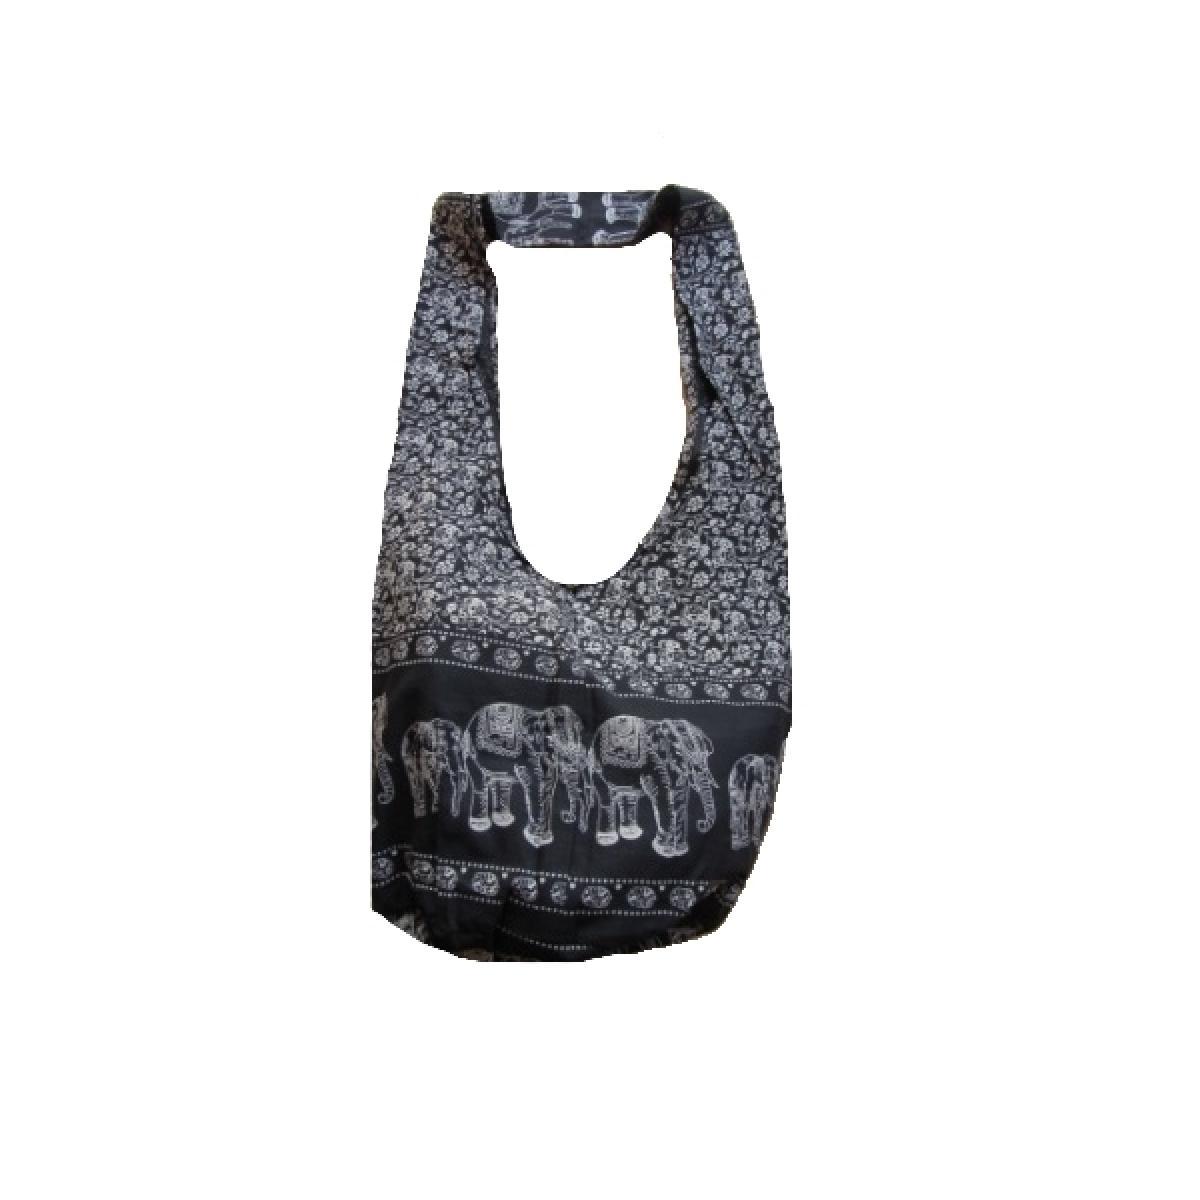 taschen bei afrika deko shop einkaufen in m nchen. Black Bedroom Furniture Sets. Home Design Ideas